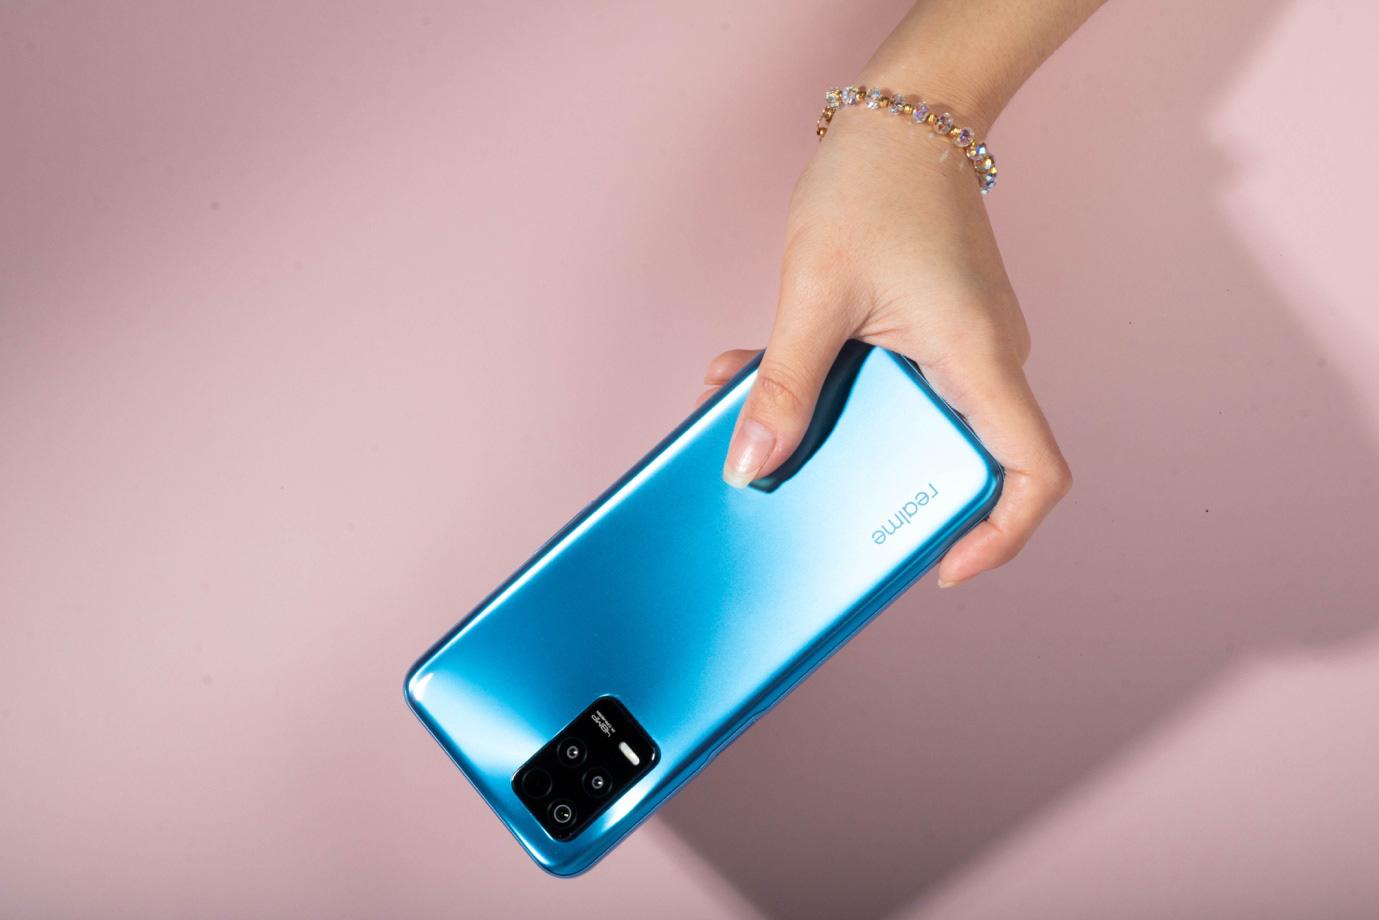 Trên tay chiếc điện thoại 5G hot nhất của realme: Xem phim cả ngày, cày game lướt web siêu nhanh, siêu khỏe! - ảnh 1